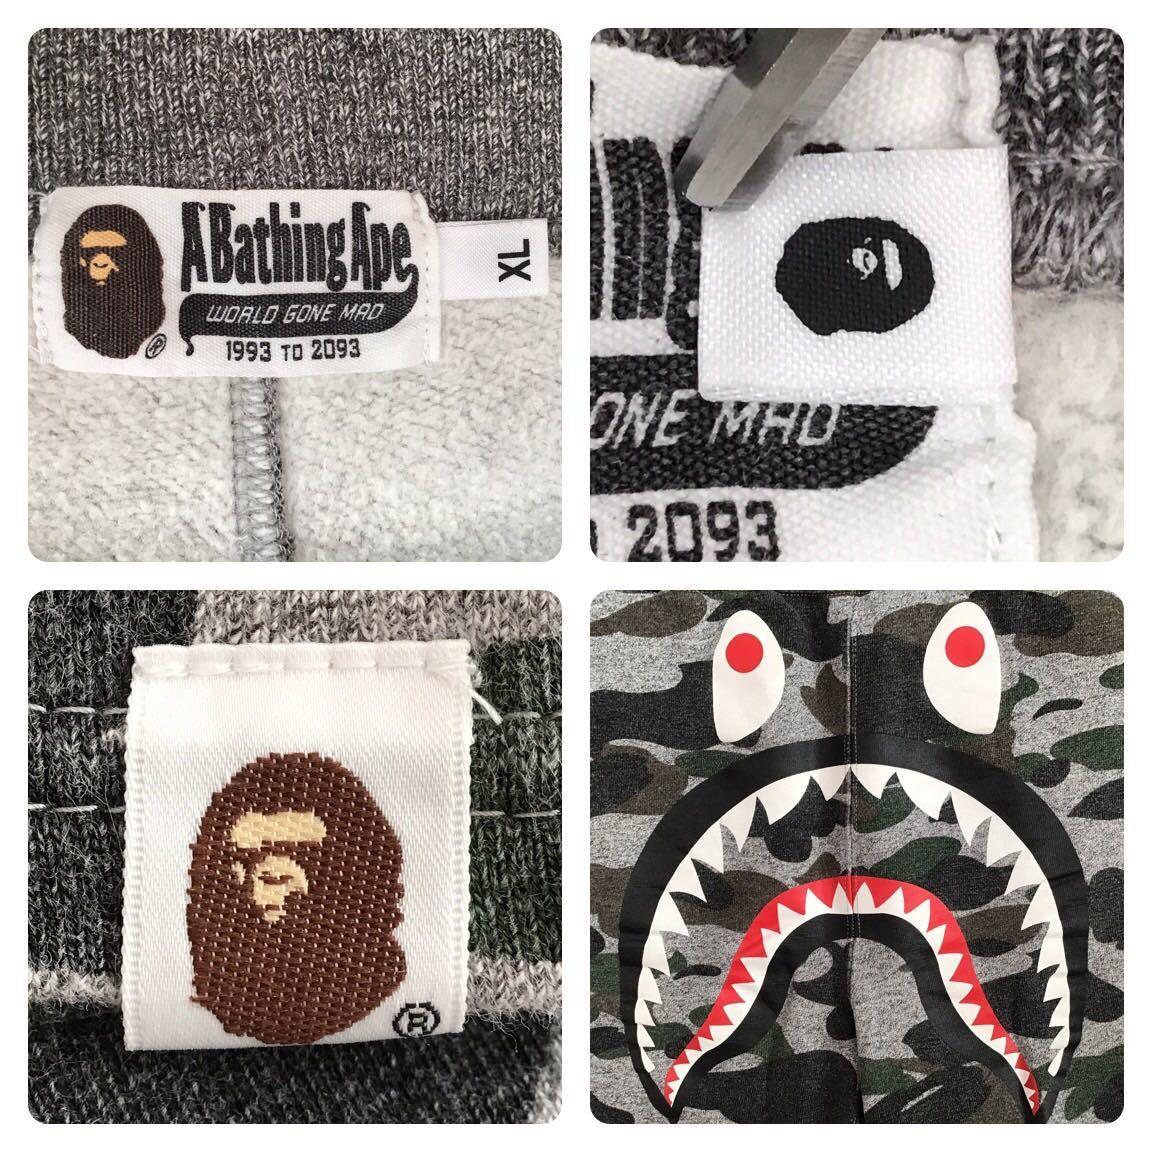 ★XL★ Heather grey camo シャーク スウェット ハーフパンツ a bathing ape BAPE shark sweat shorts エイプ ベイプ アベイシングエイプ n